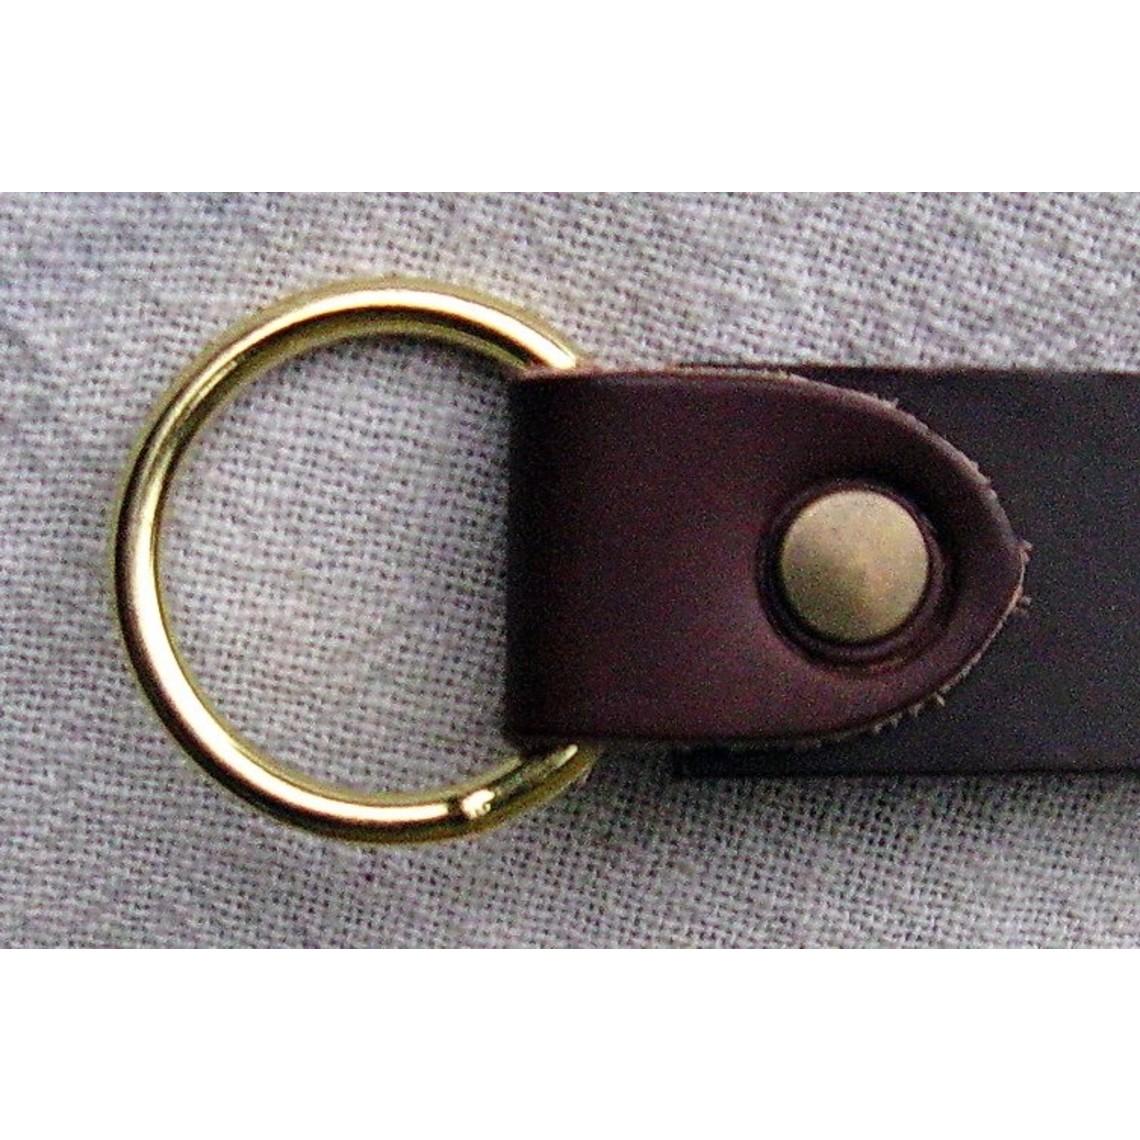 Correa de cuero de anillo de 4 cm, dividir cuero marrón